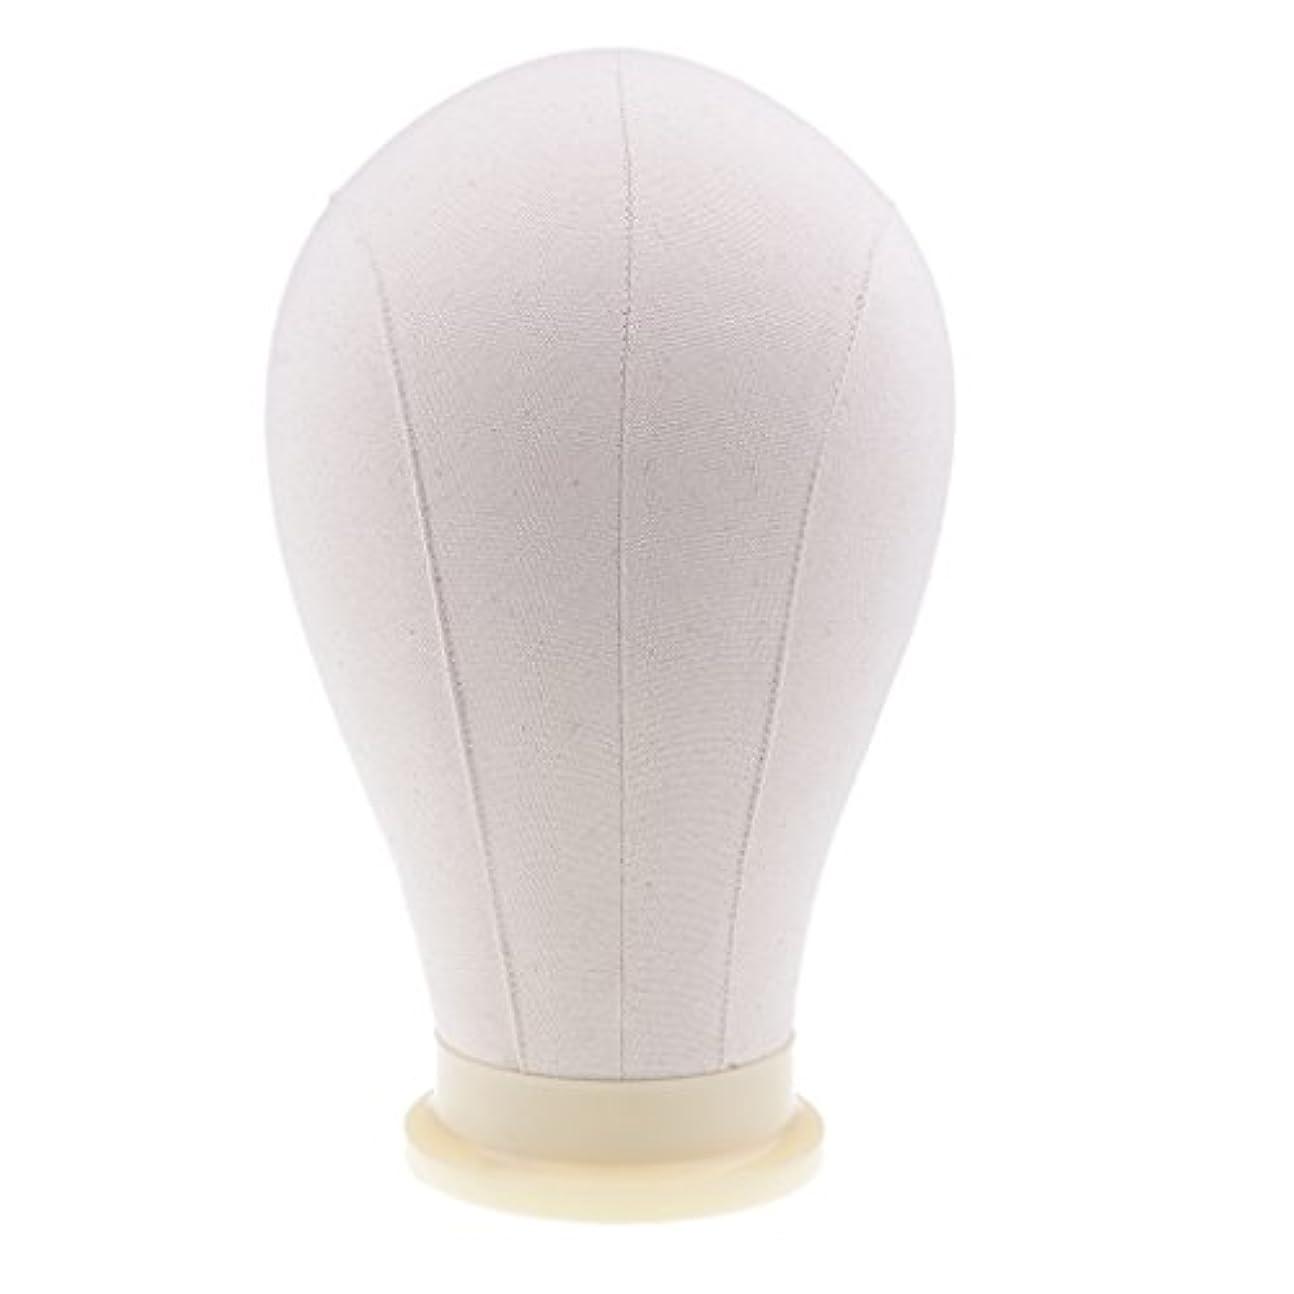 変化油時間厳守マネキンヘッド ウィッグ キャンバス 頭部モデル かつら 帽子 メガネ ディスプレイ ホルダー 4サイズ - 24インチ